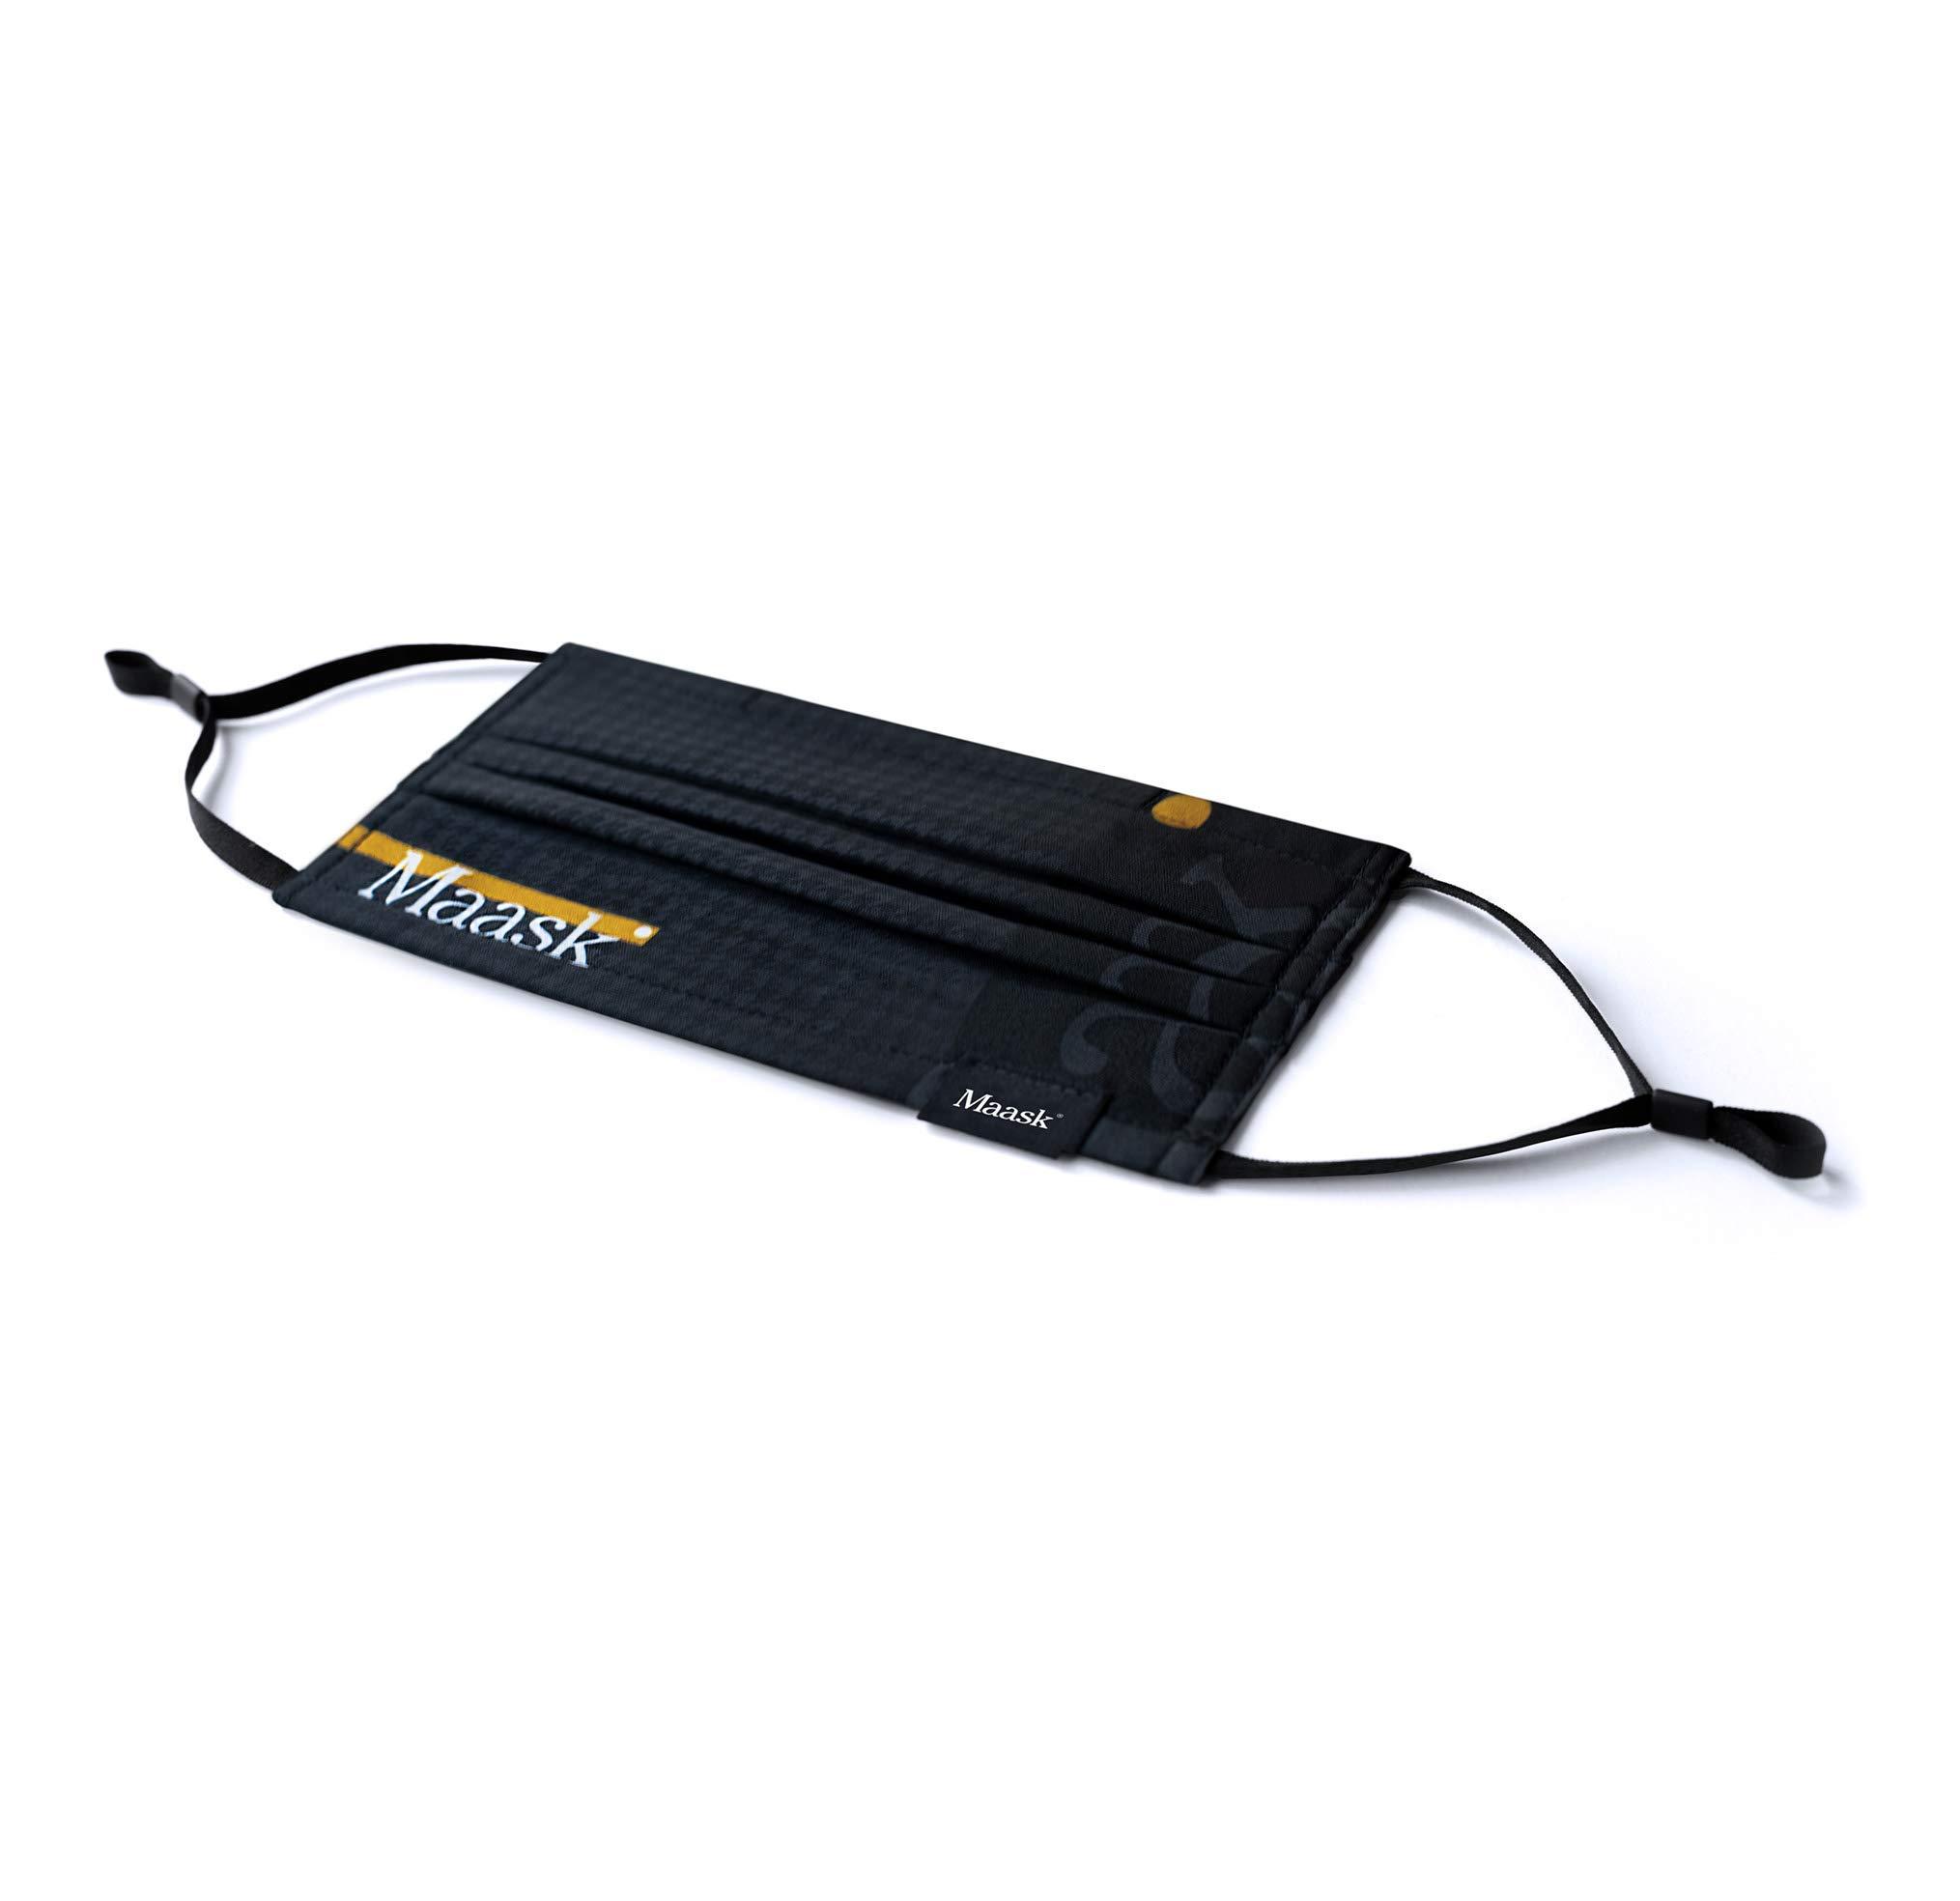 MAASK Shield Houndstooth MASCARILLA HIGIENICA Reutilizable, Adultos Unisex, Negro: Amazon.es: Deportes y aire libre